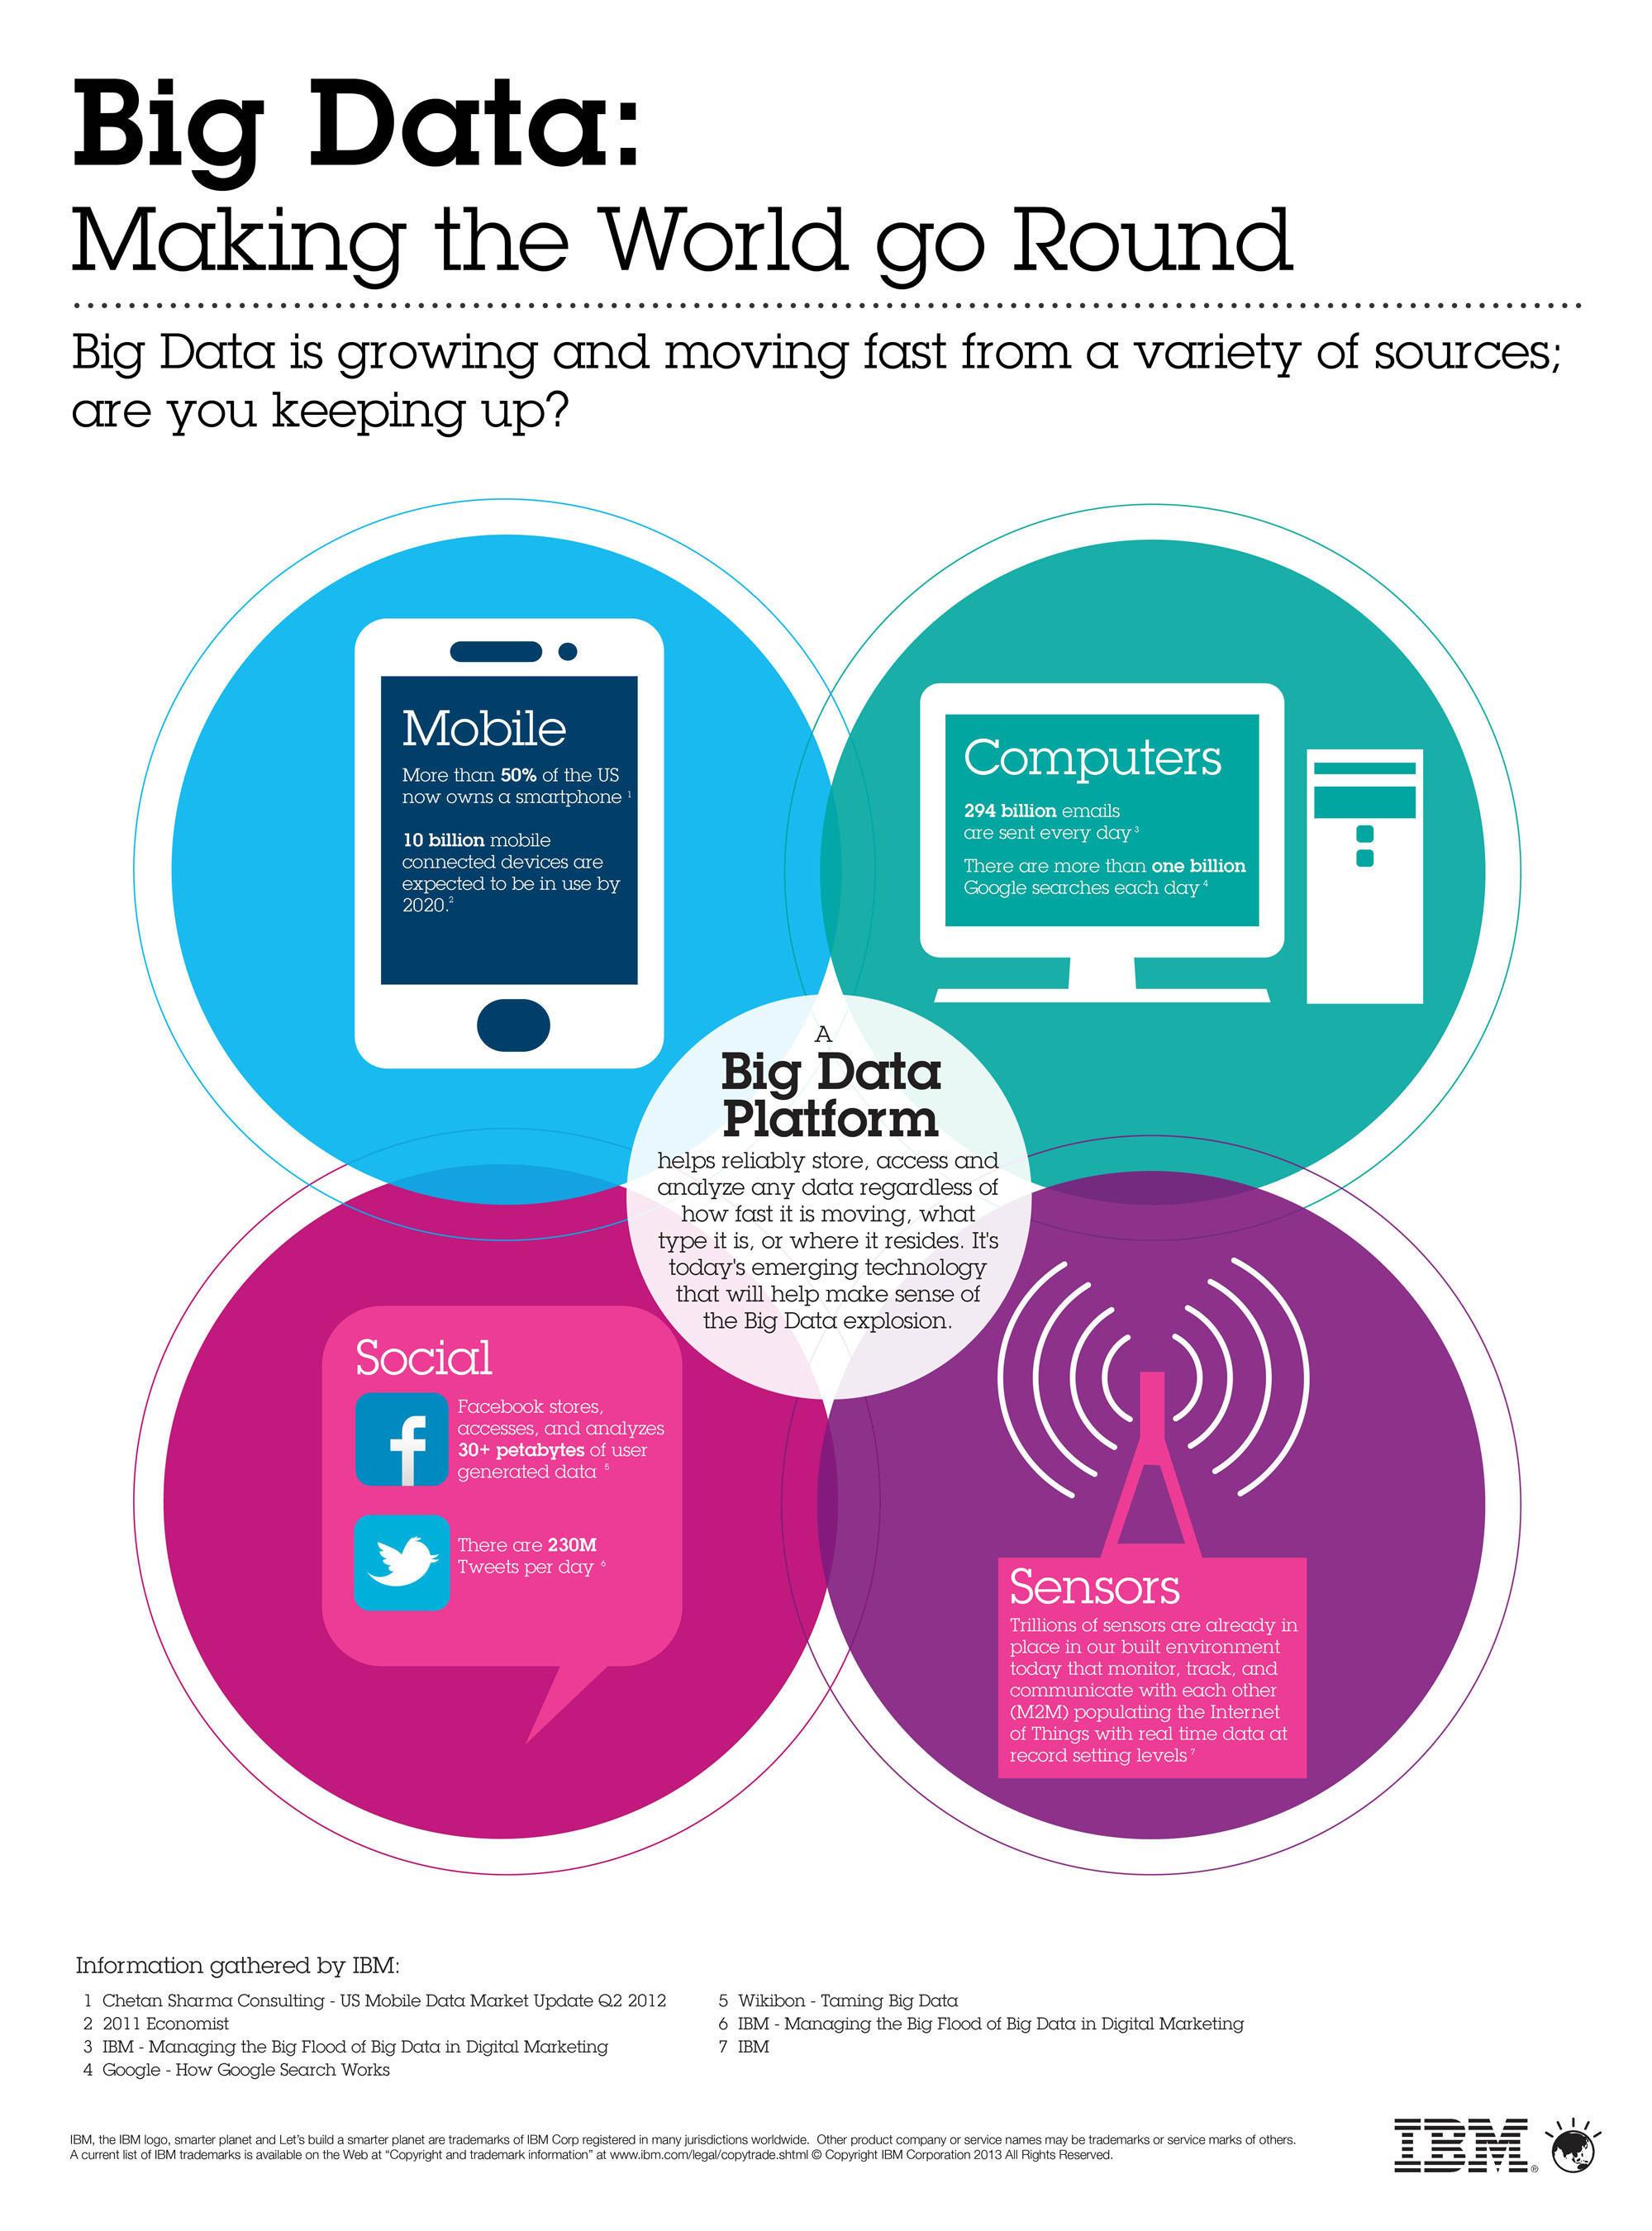 Big Data: Making the World Go Round.  (PRNewsFoto/IBM)